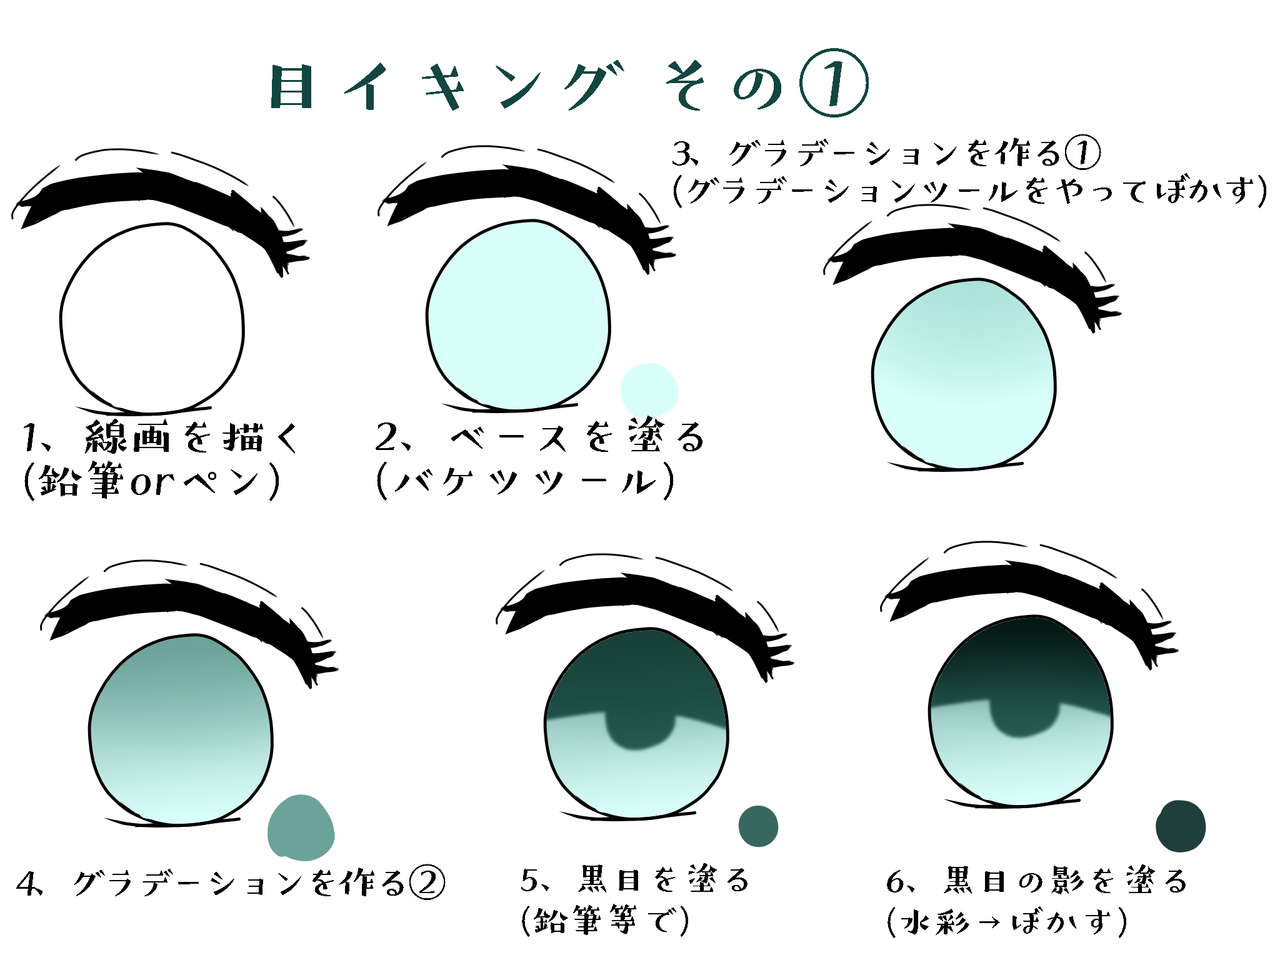 目イキング!! Illust of きよちゃん@今やってない The_Challengers 目イキング green メイキング eyes tutorial